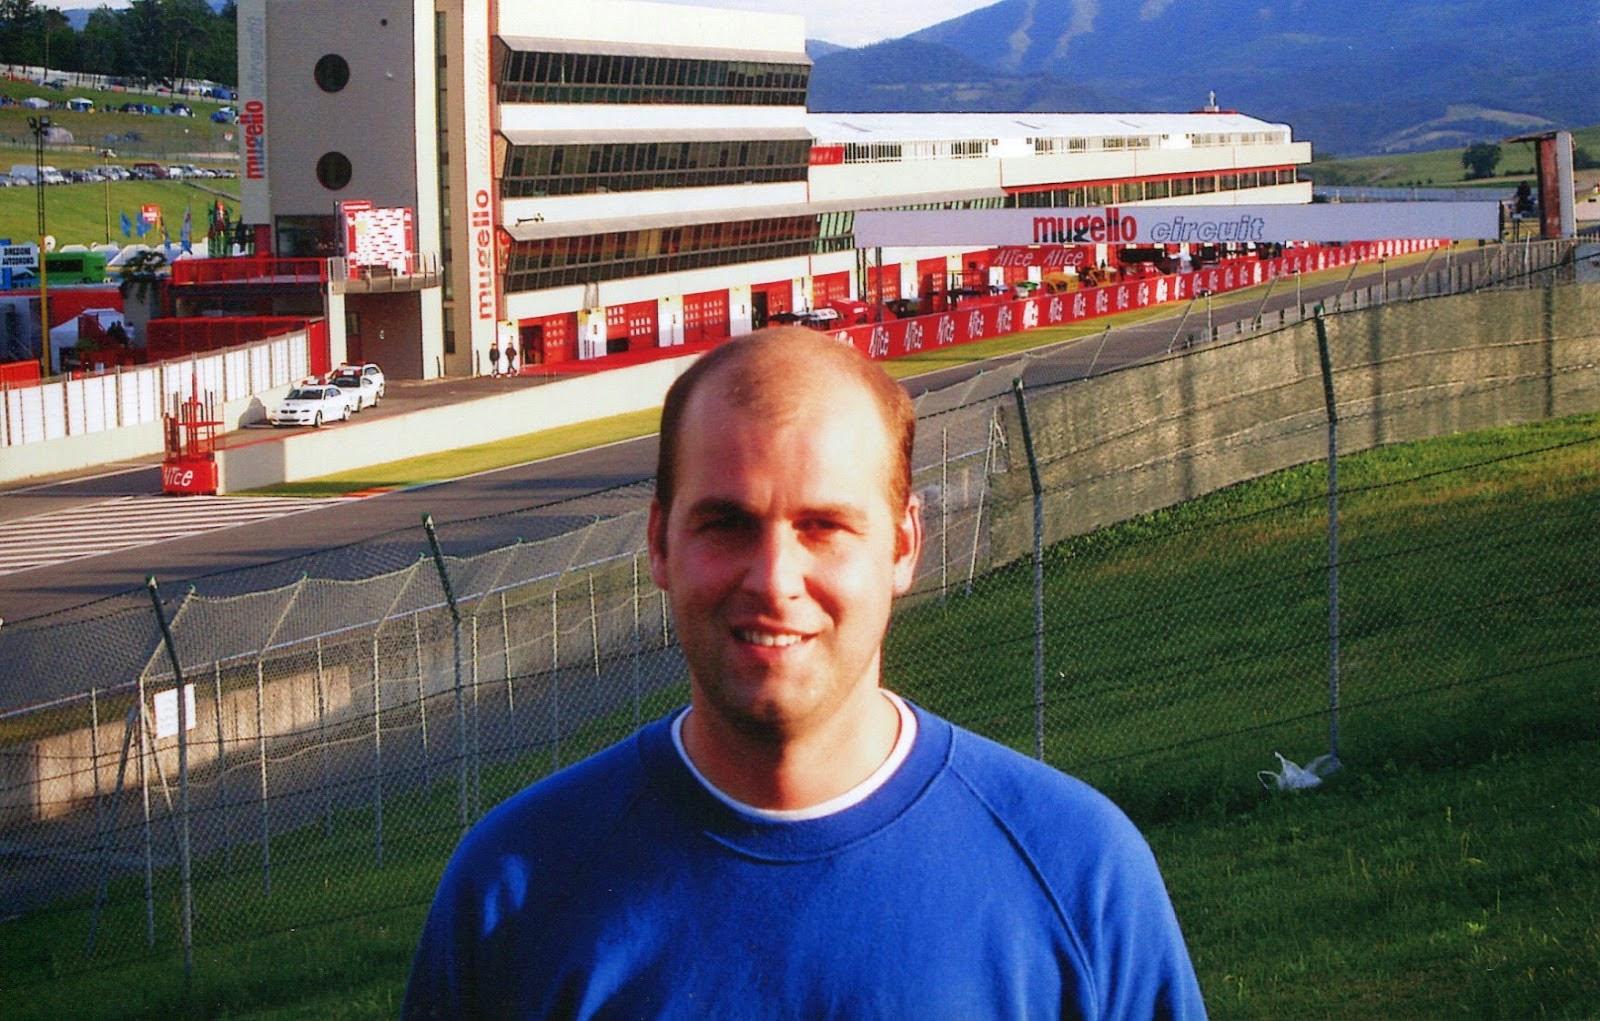 circuito de Mugello en Italia